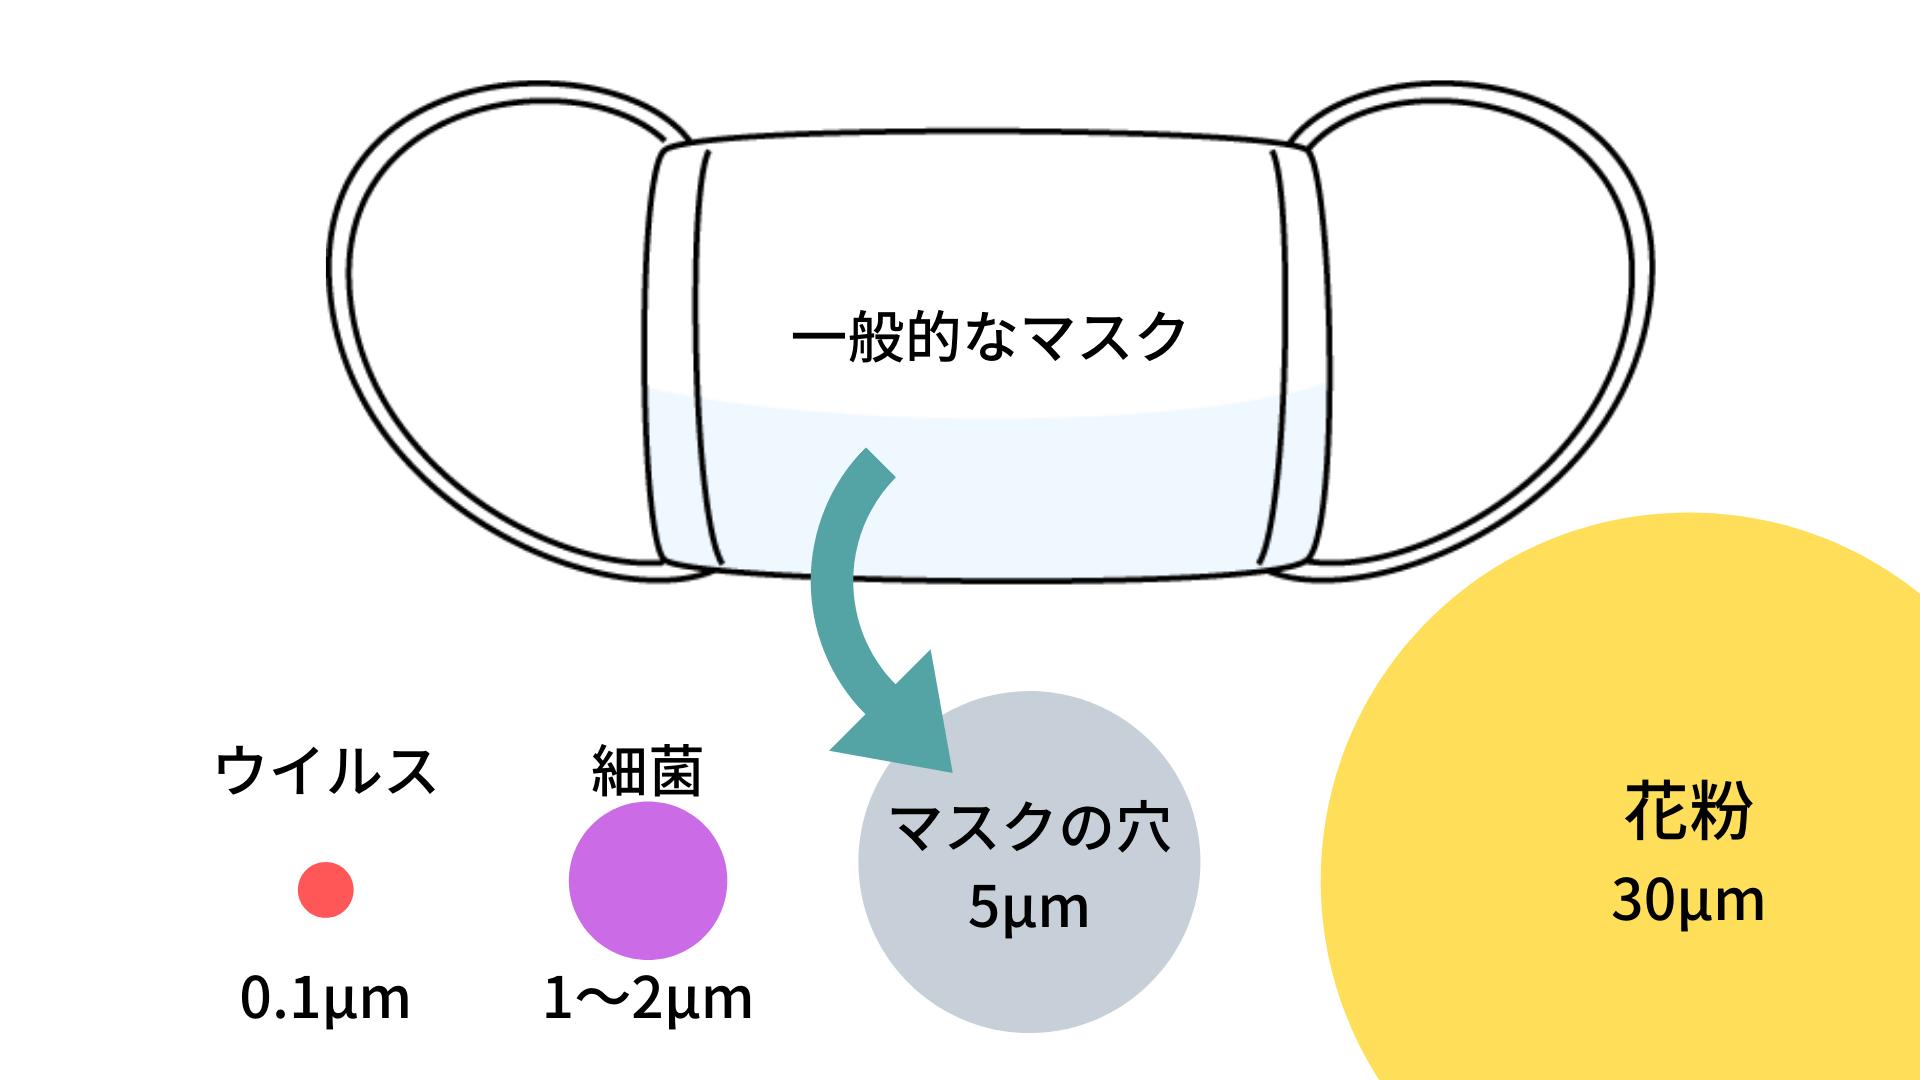 コロナウイルスはマスクの穴を簡単に通り抜けられる大きさ